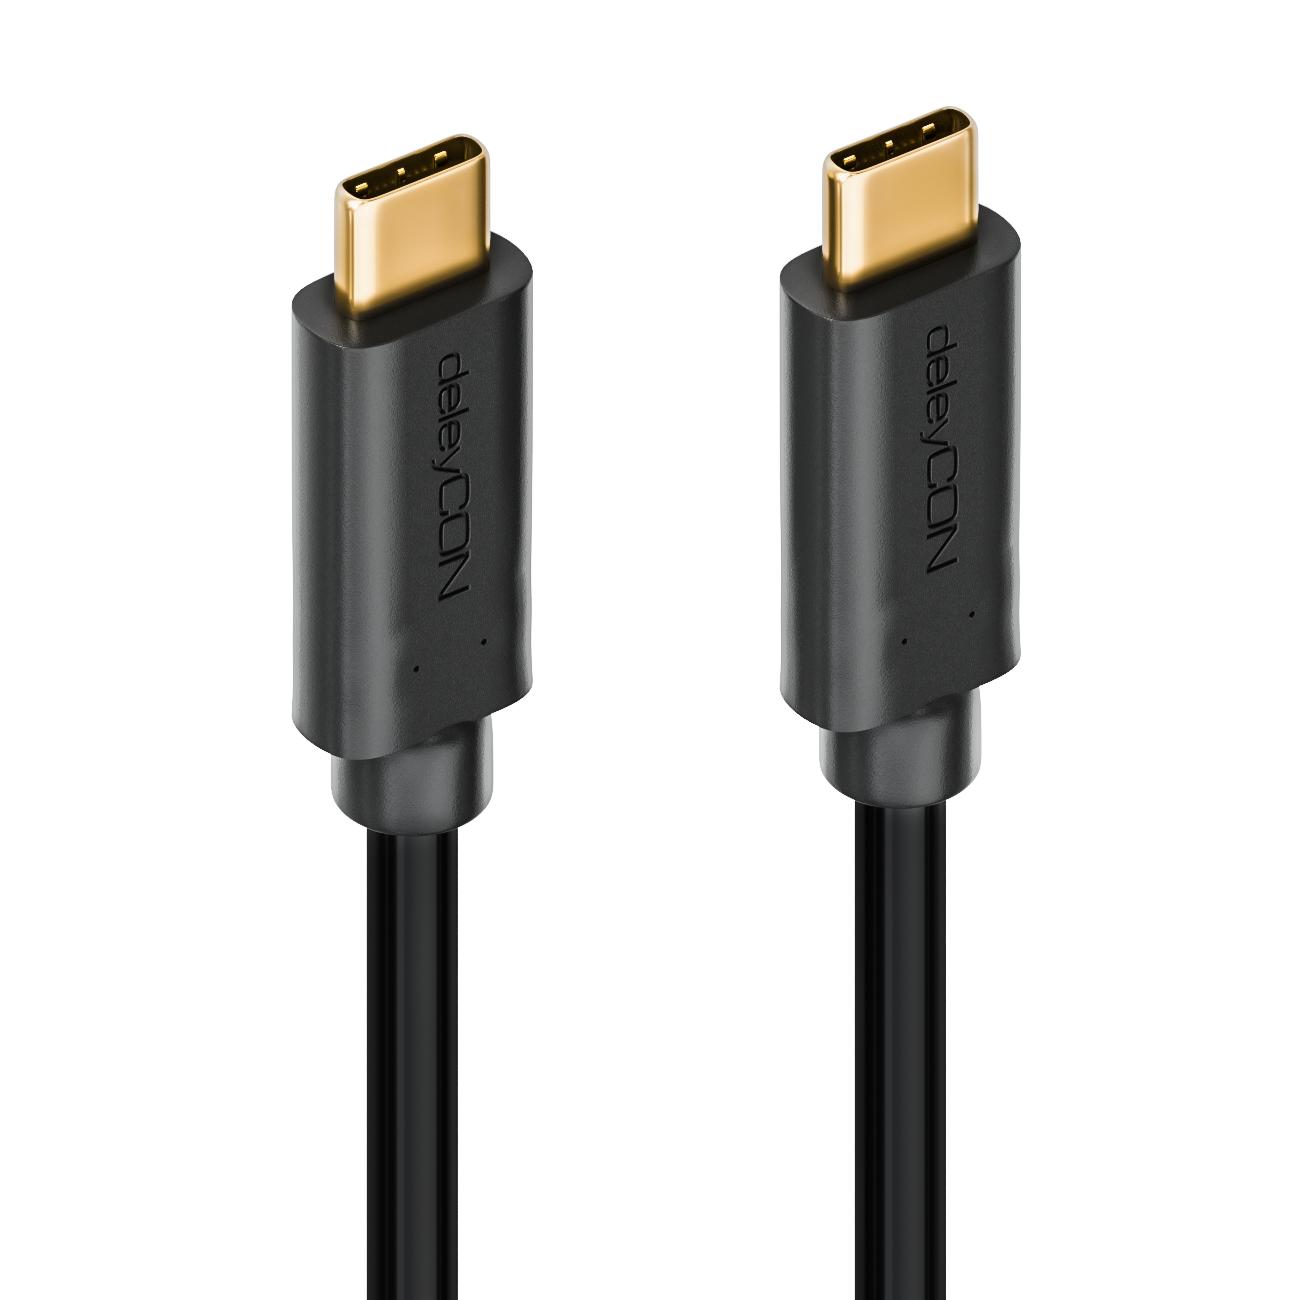 deleyCON USB 3.0 Kabel / Stecker Typ 3.1 / C auf C | deleyCONdeleyCON